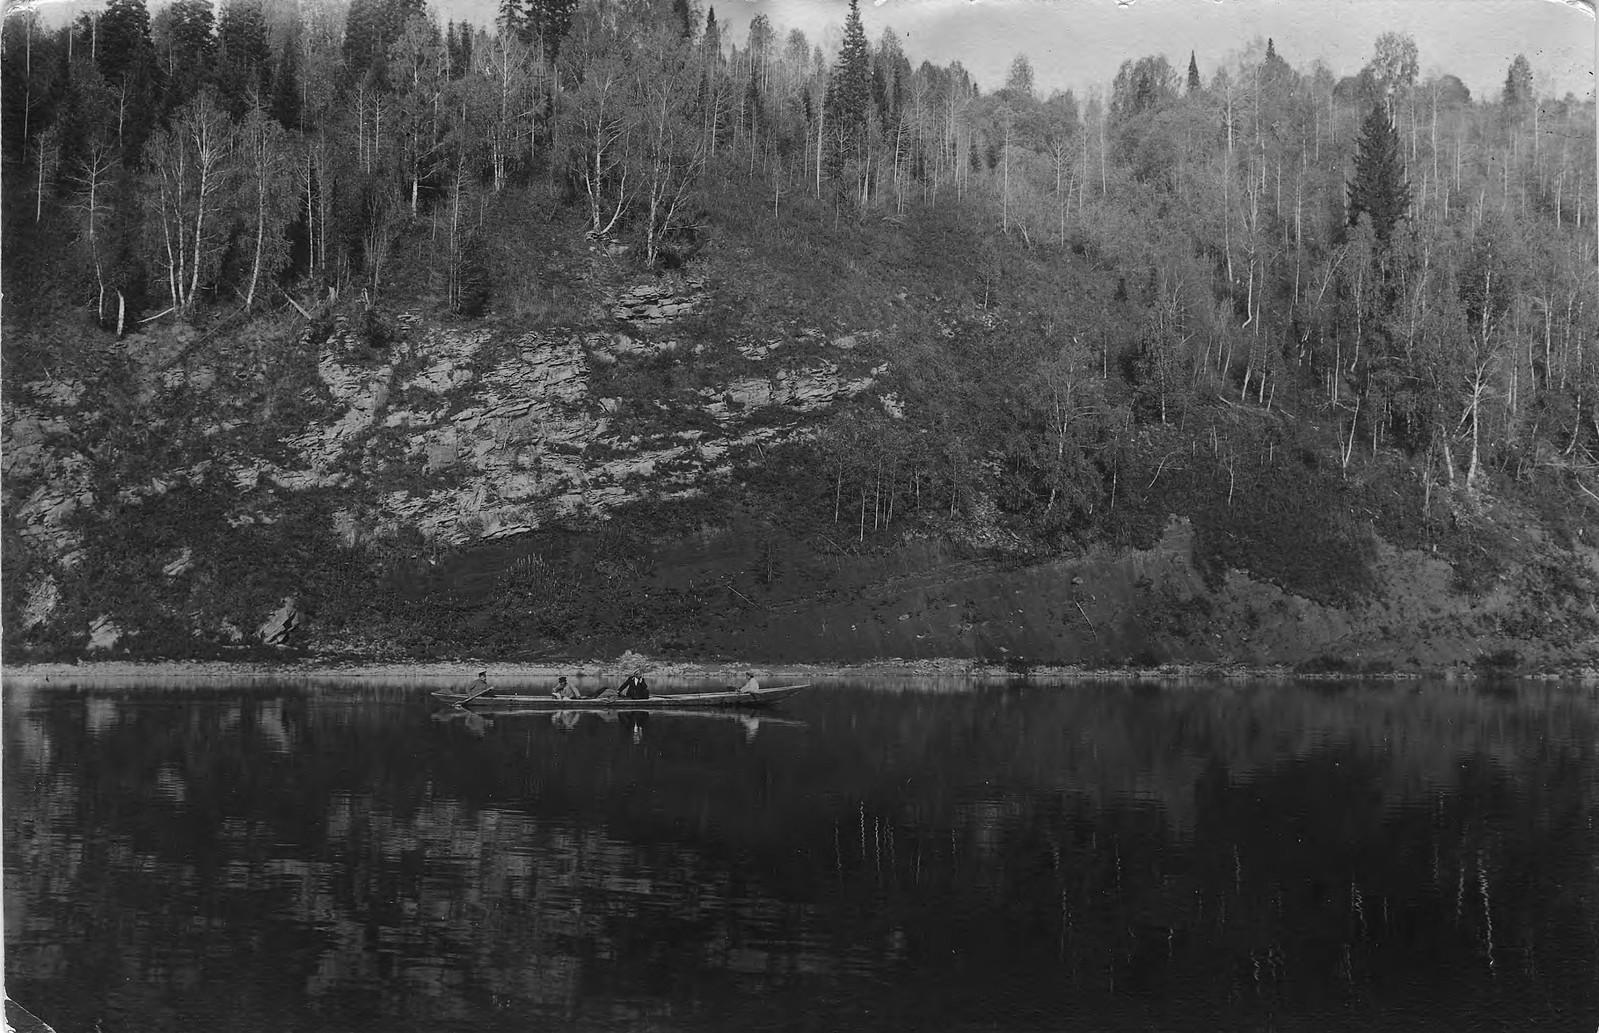 03. Лодка землеустроительной экспедиции на фоне крутого каменистого берега реки Мрассу, покрытого лесом. Ниже улуса Шадрово